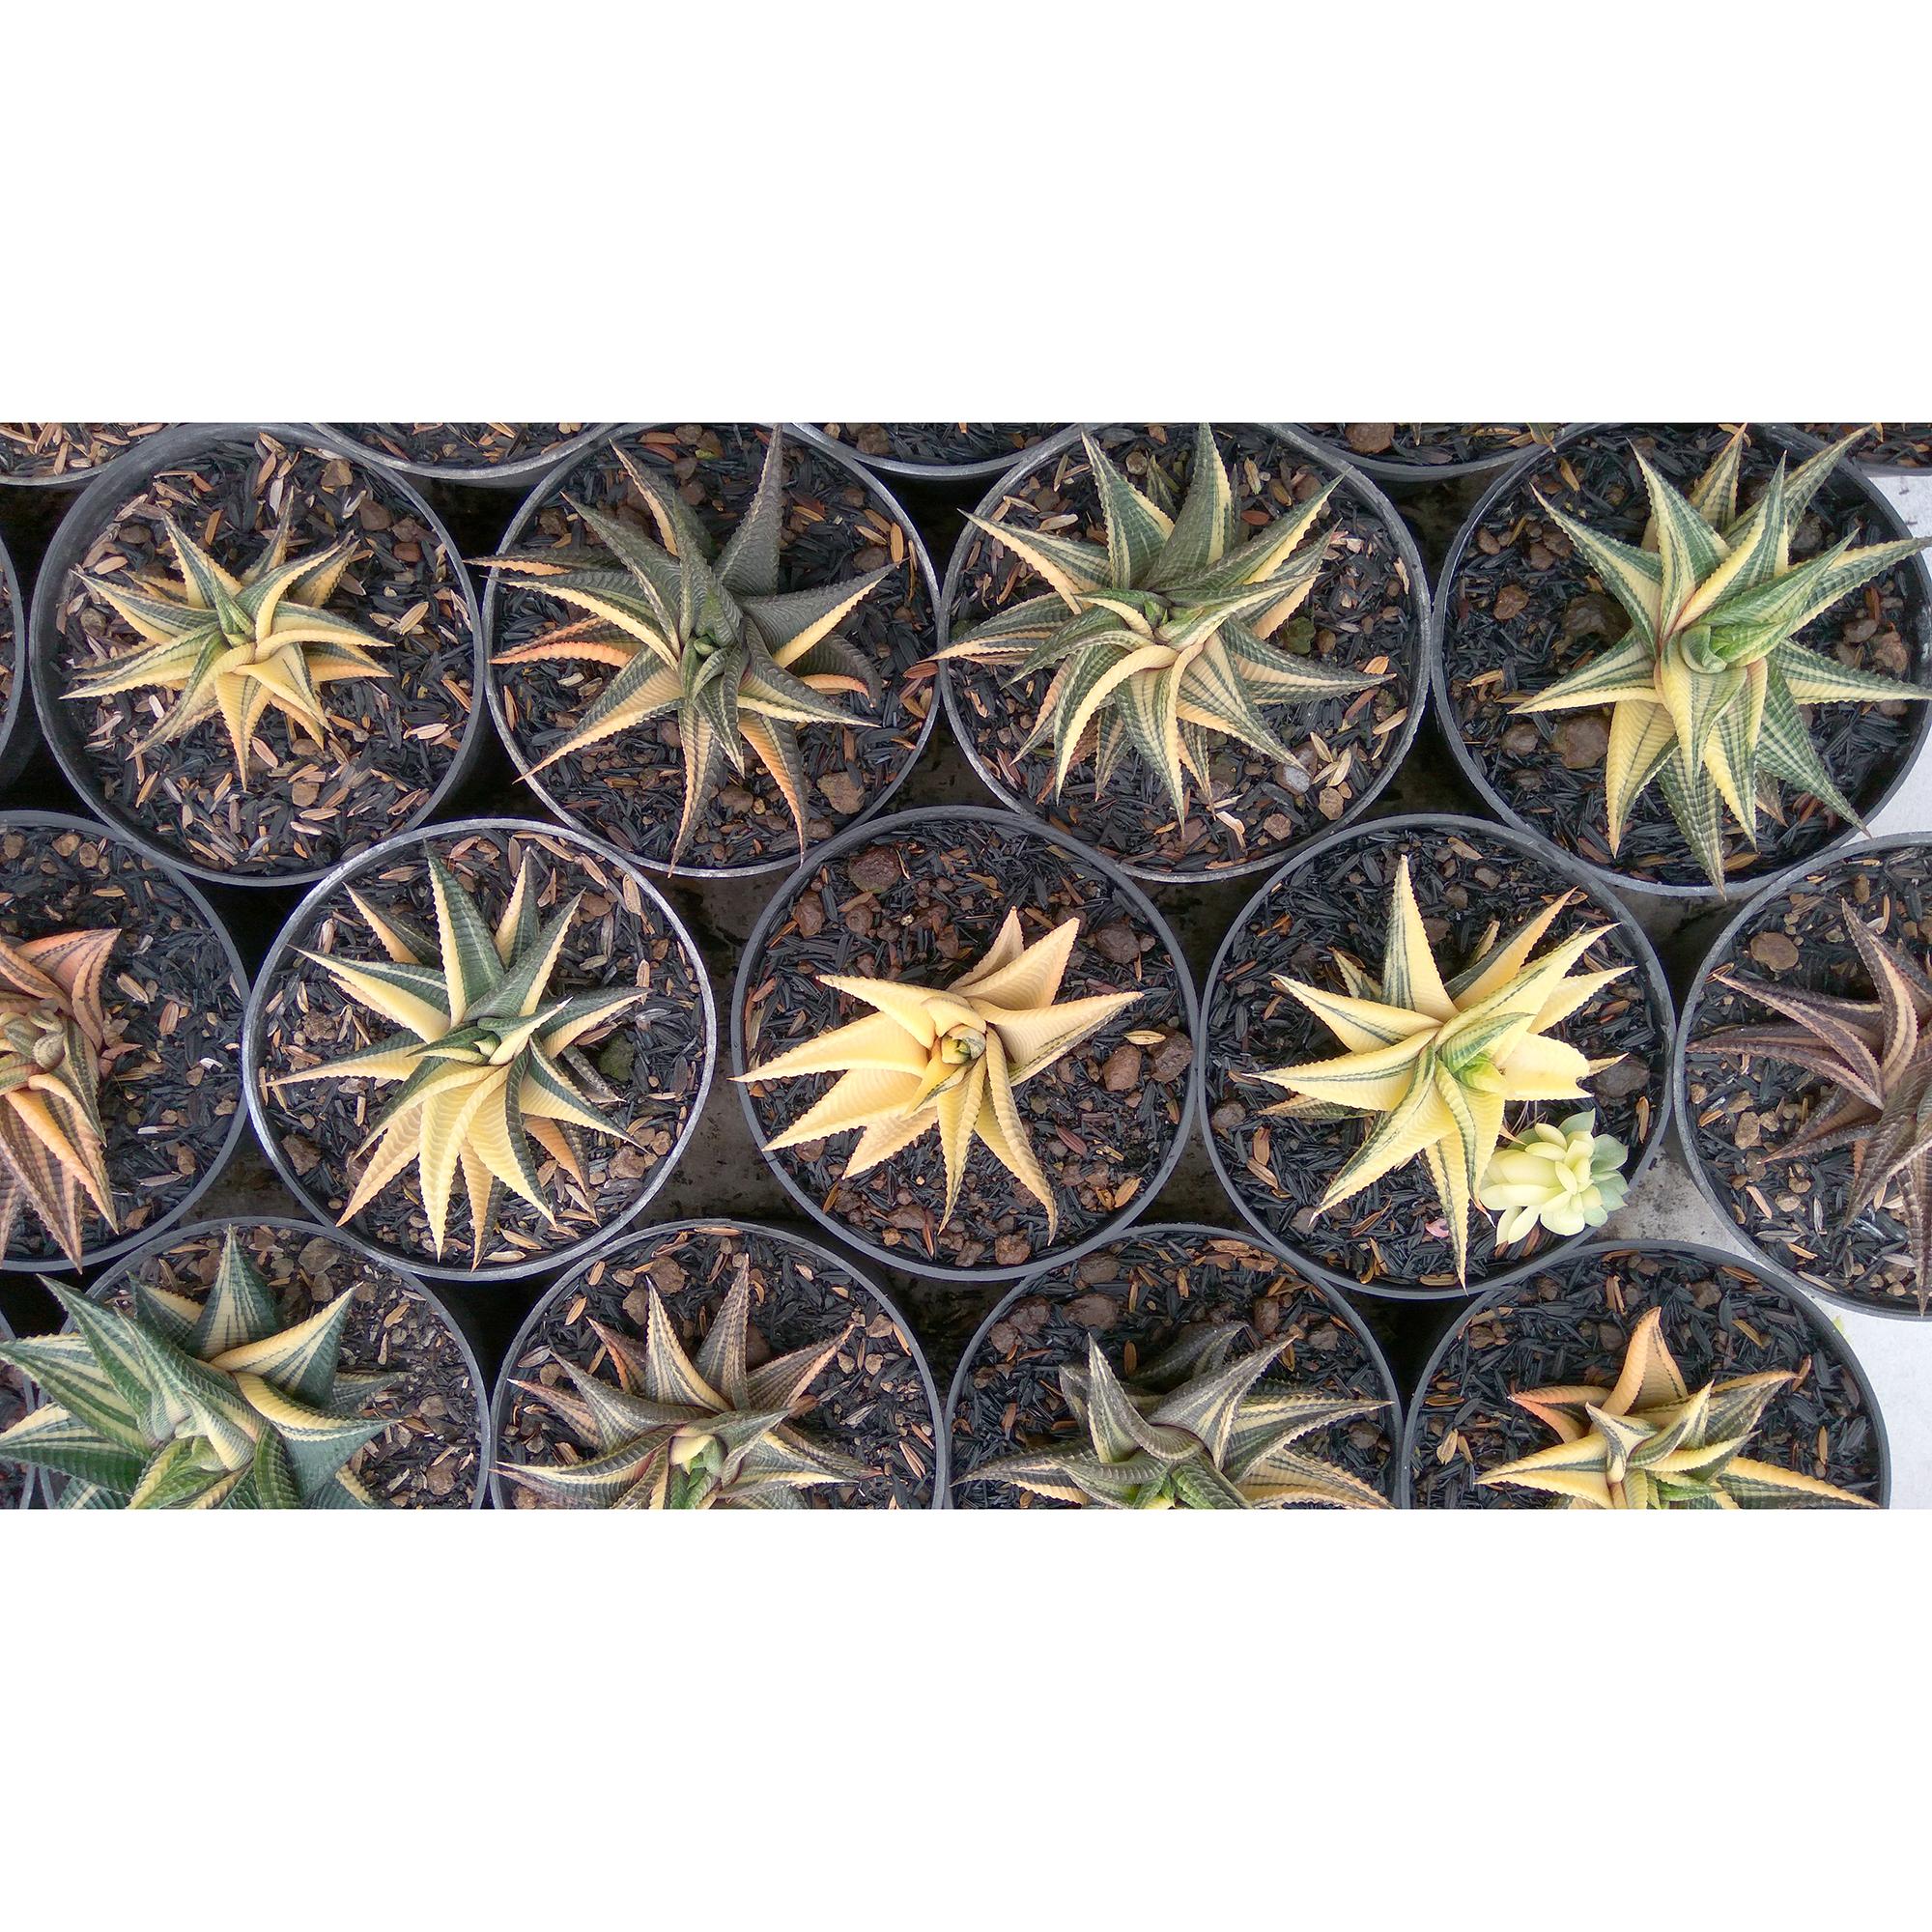 Haworthia Limifolia Variegated